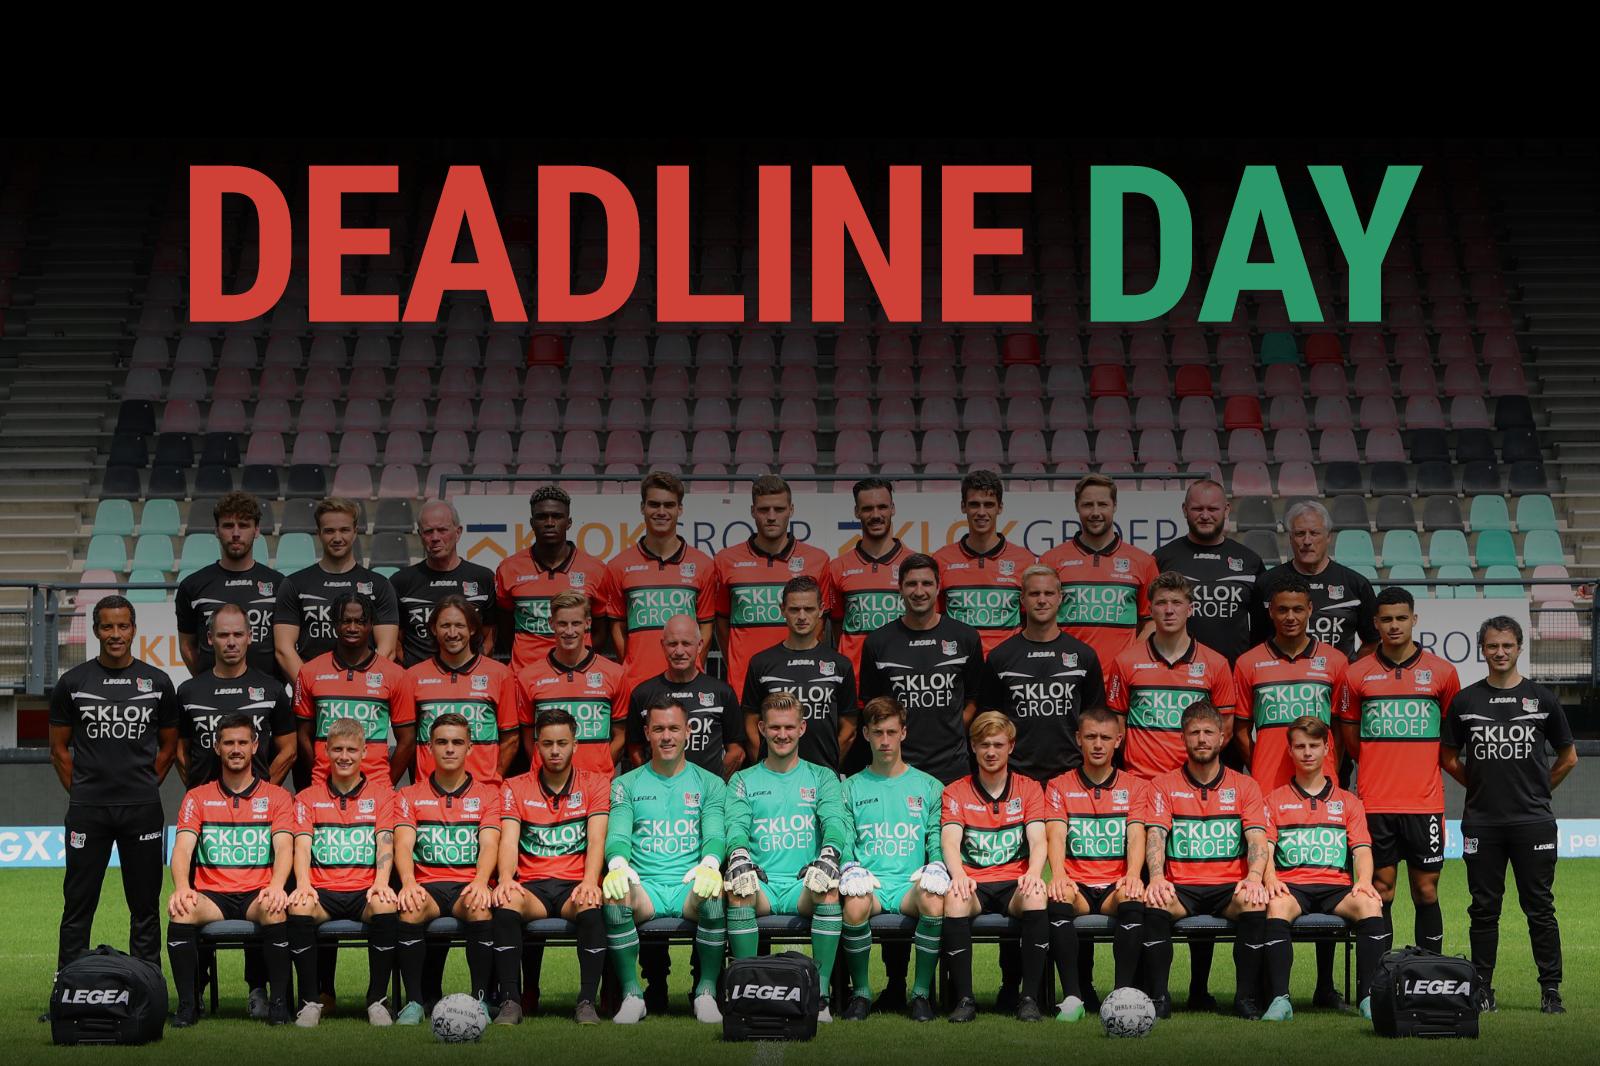 Transfer Deadline Day!